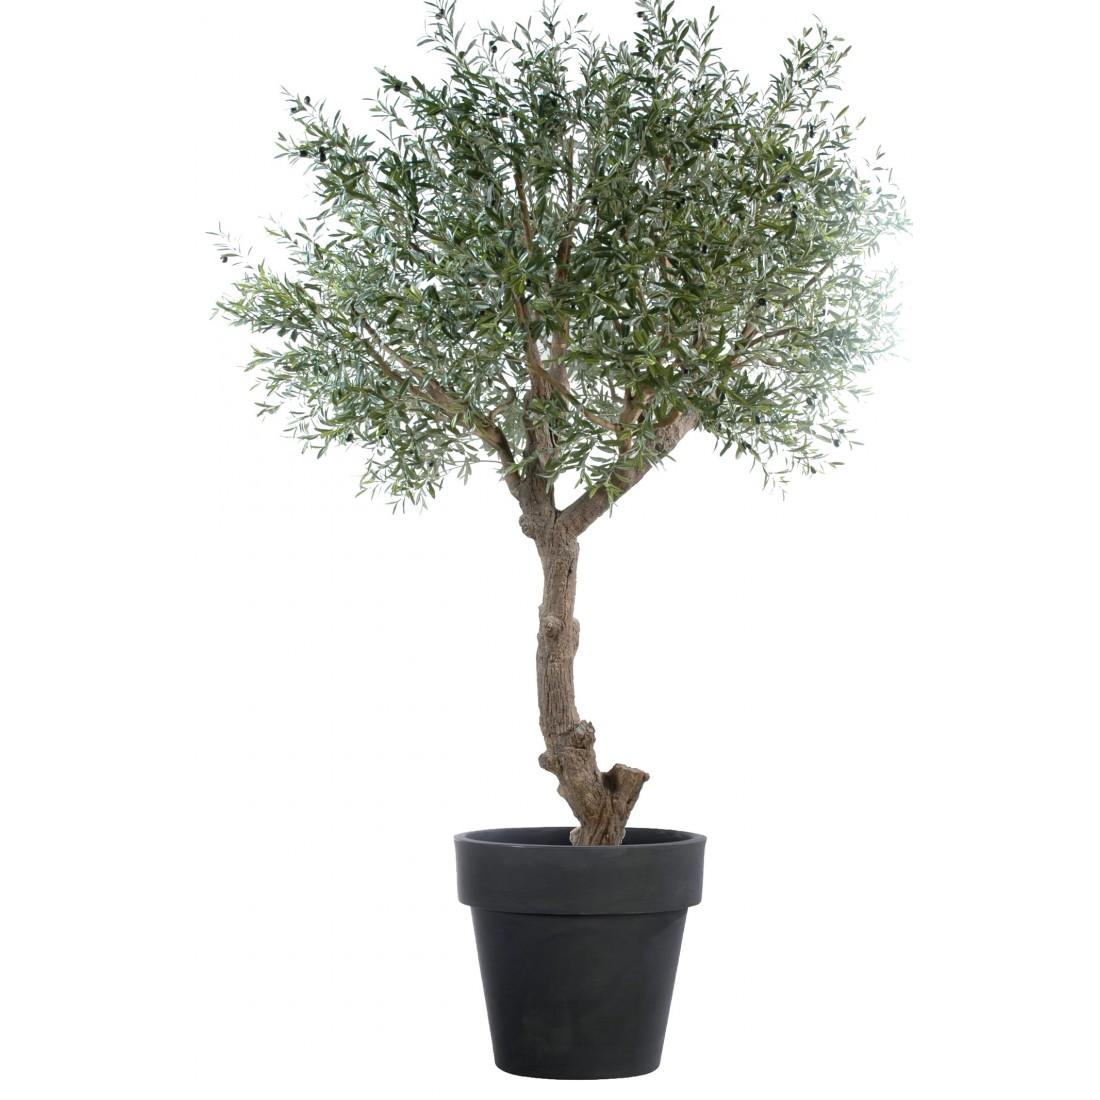 Olivier artificiel new tete g ant 270 cm olive noire for Arbre factice